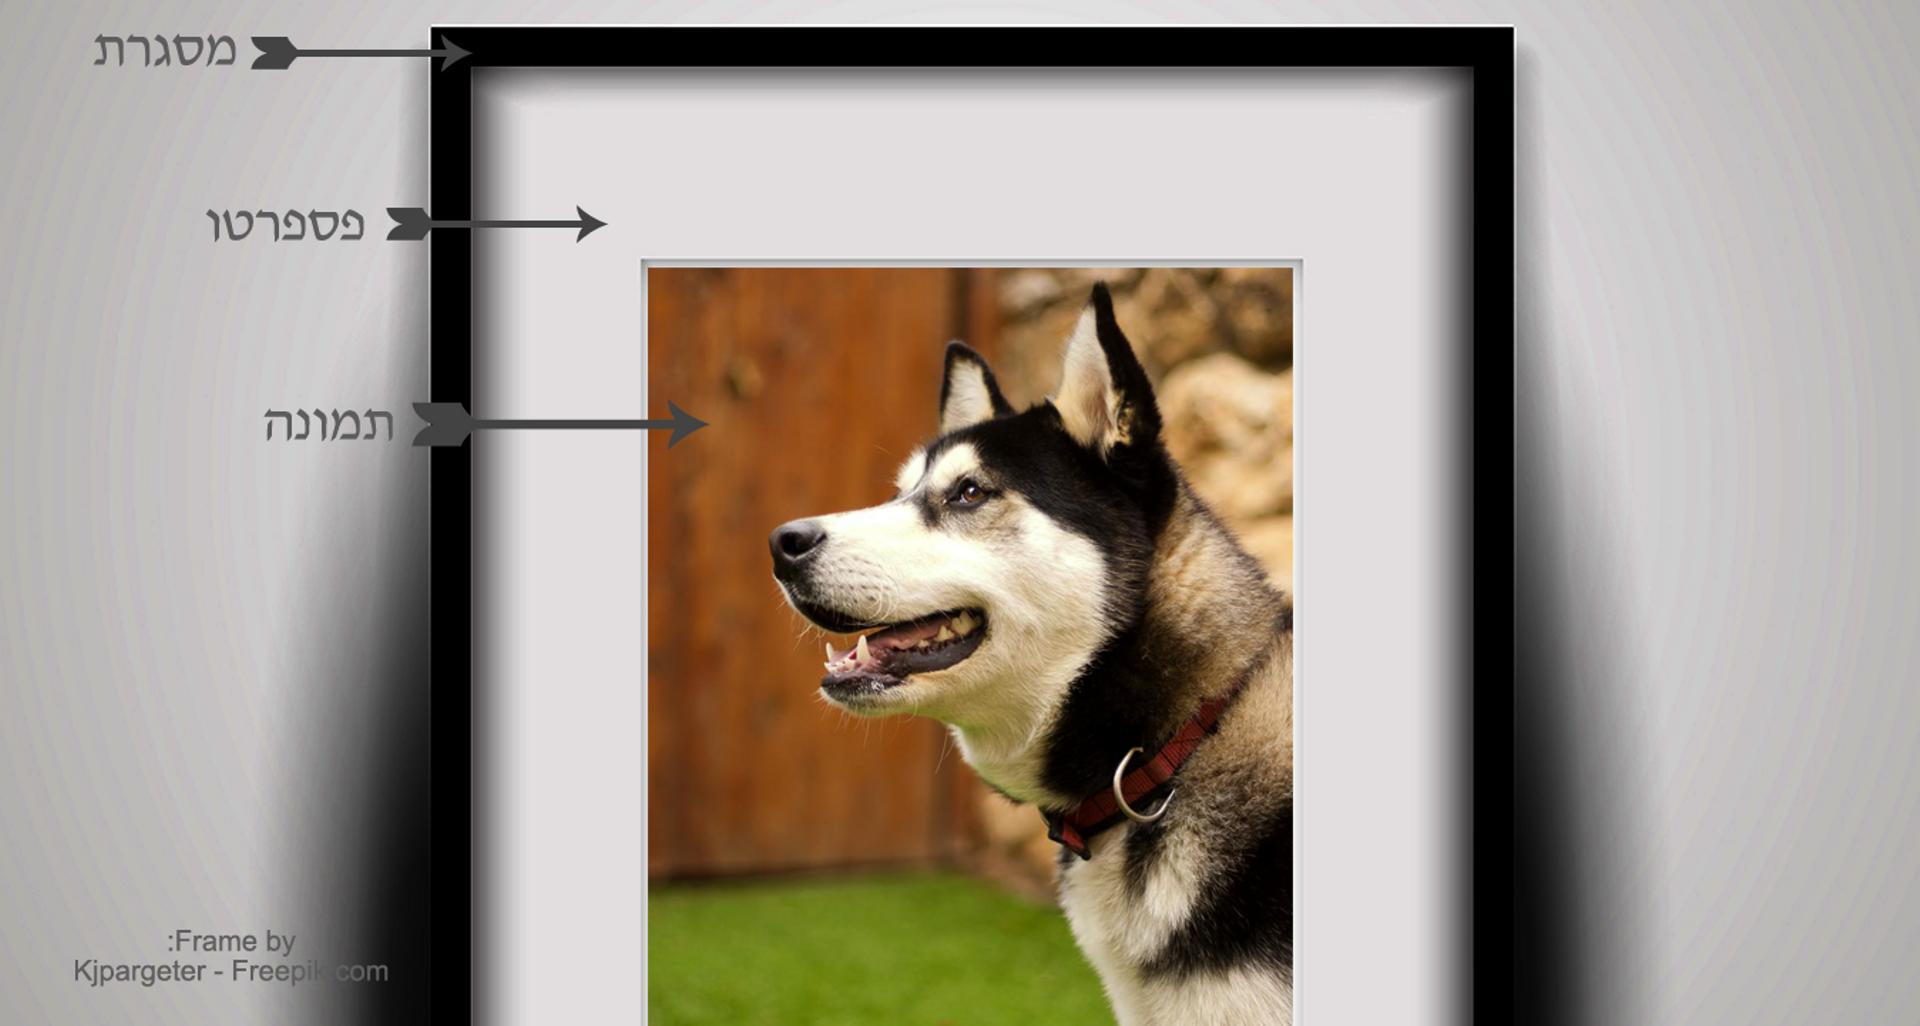 =מסגרת תמונה איכותית דגם FR9199, כולל הדפסת תמונה.